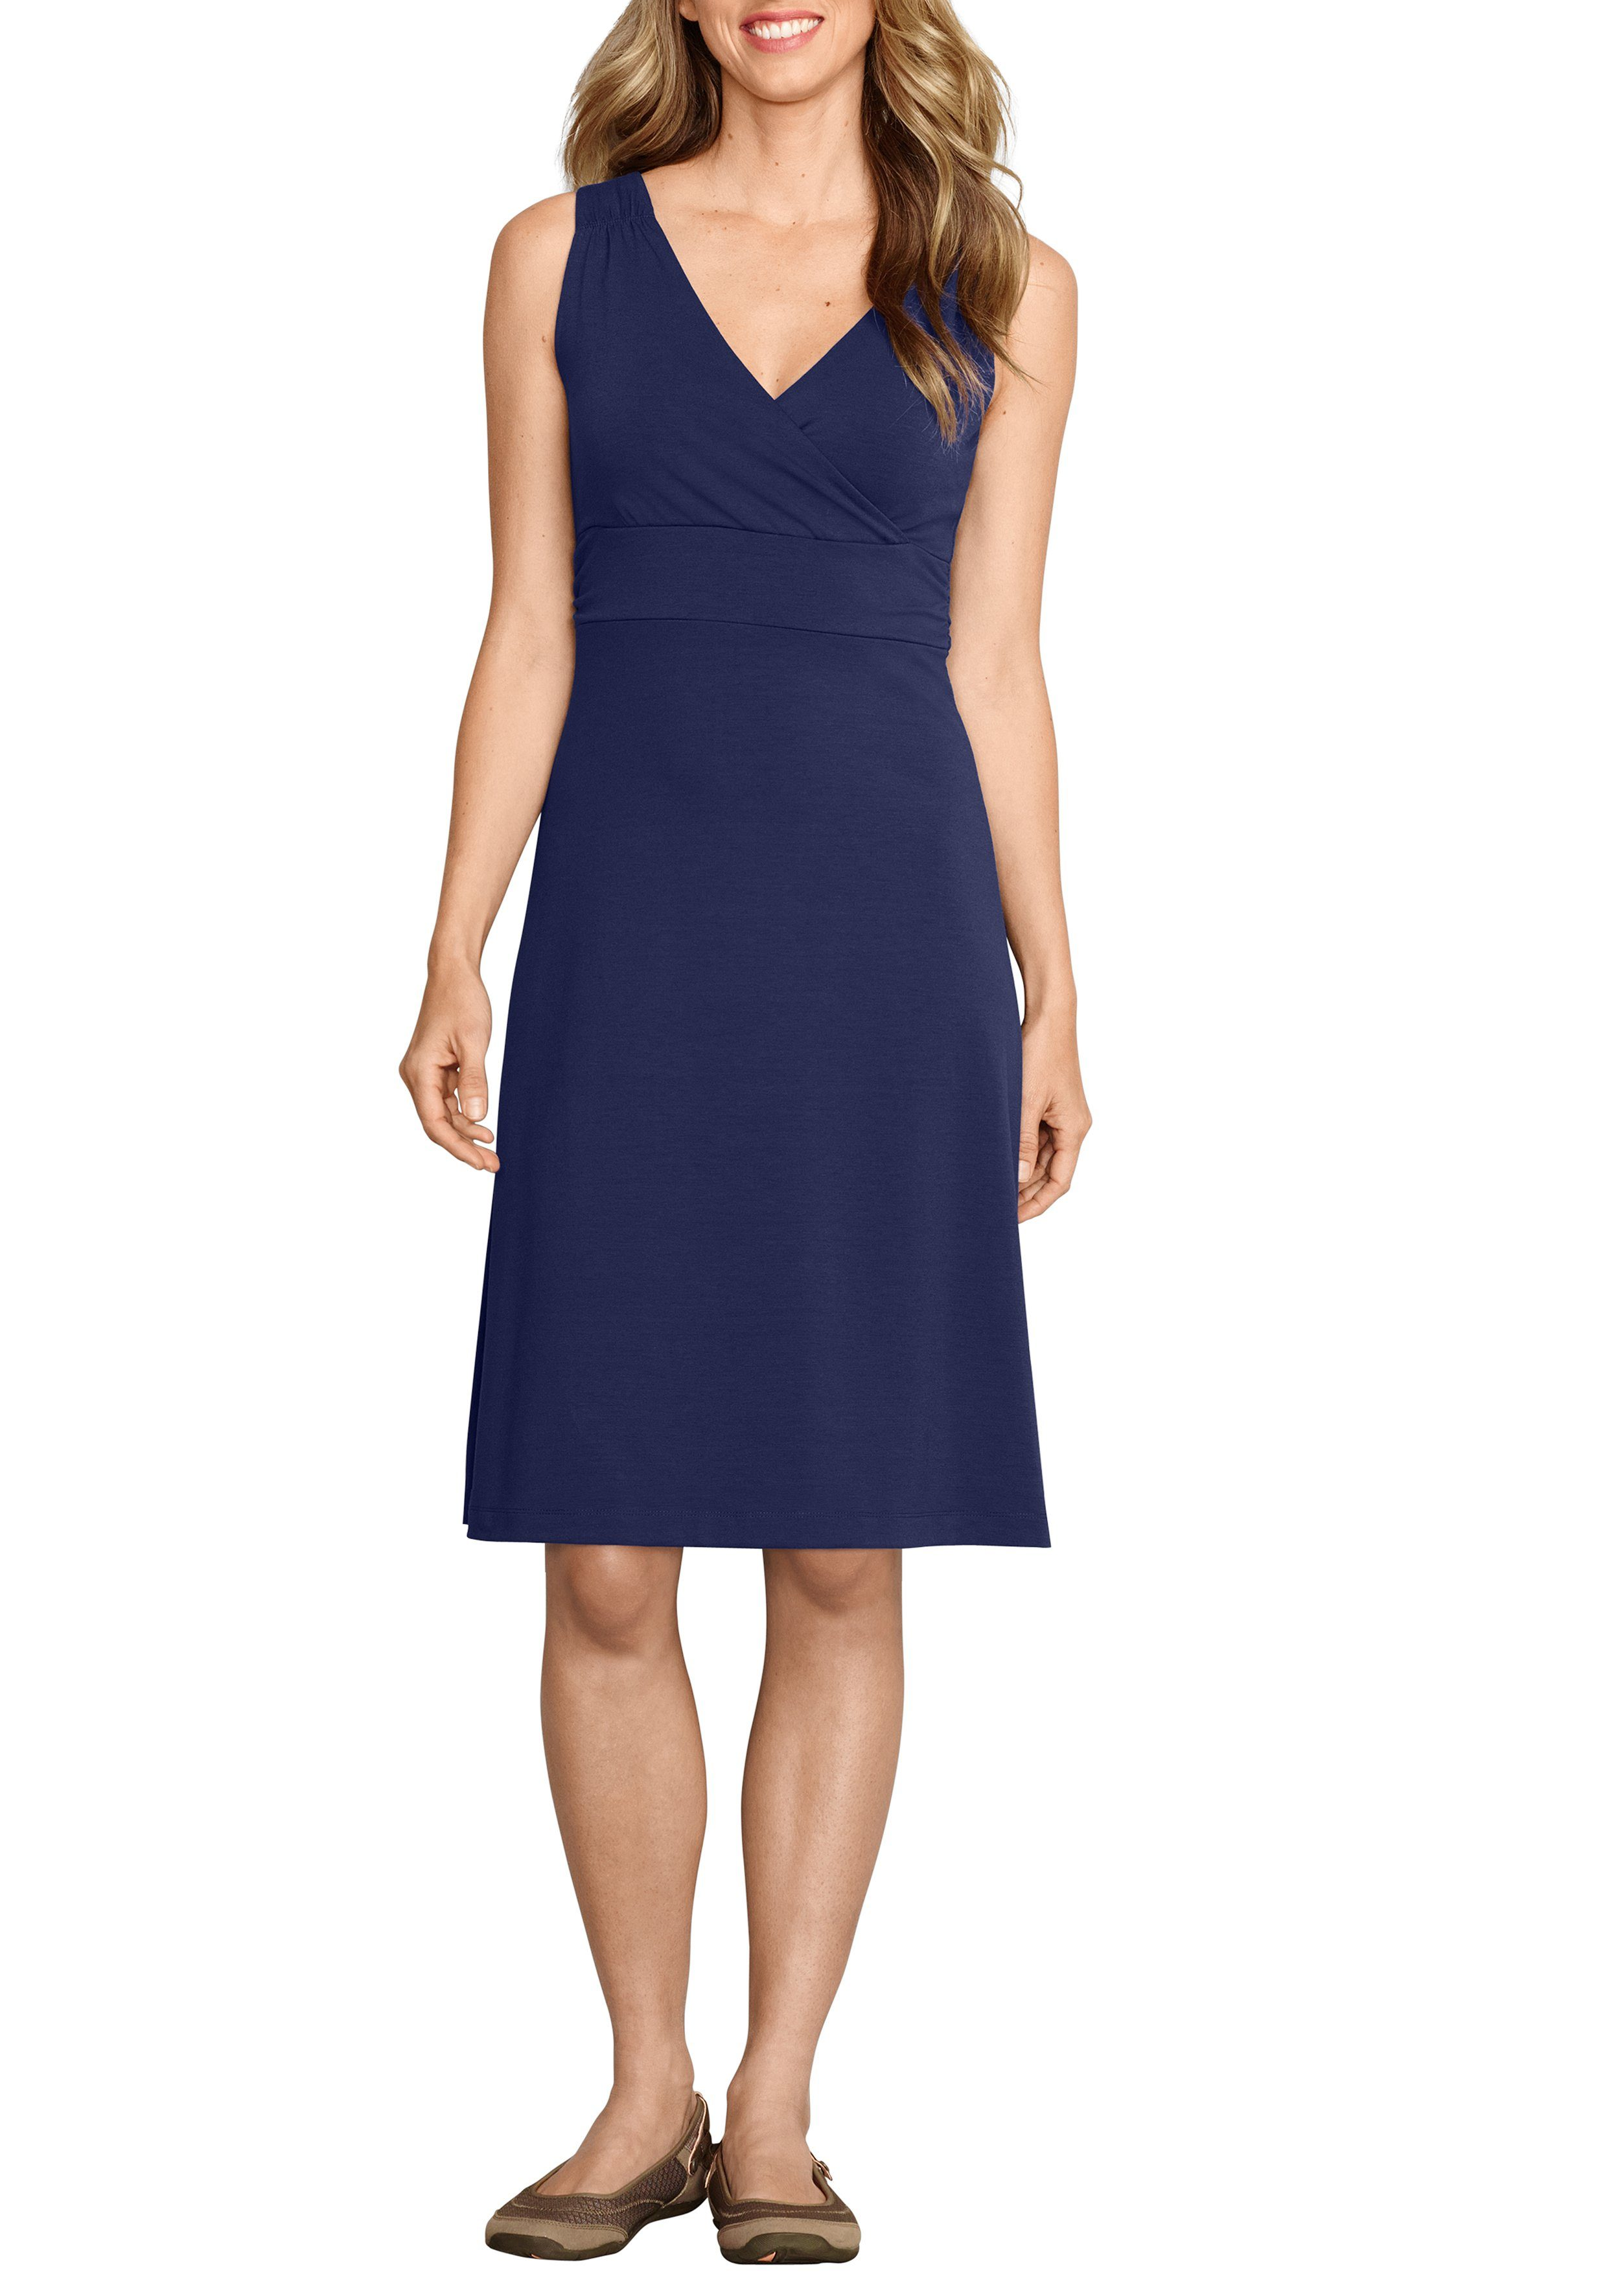 Eddie Bauer Sommerkleid (Travex® Kleid kniebedeckend)